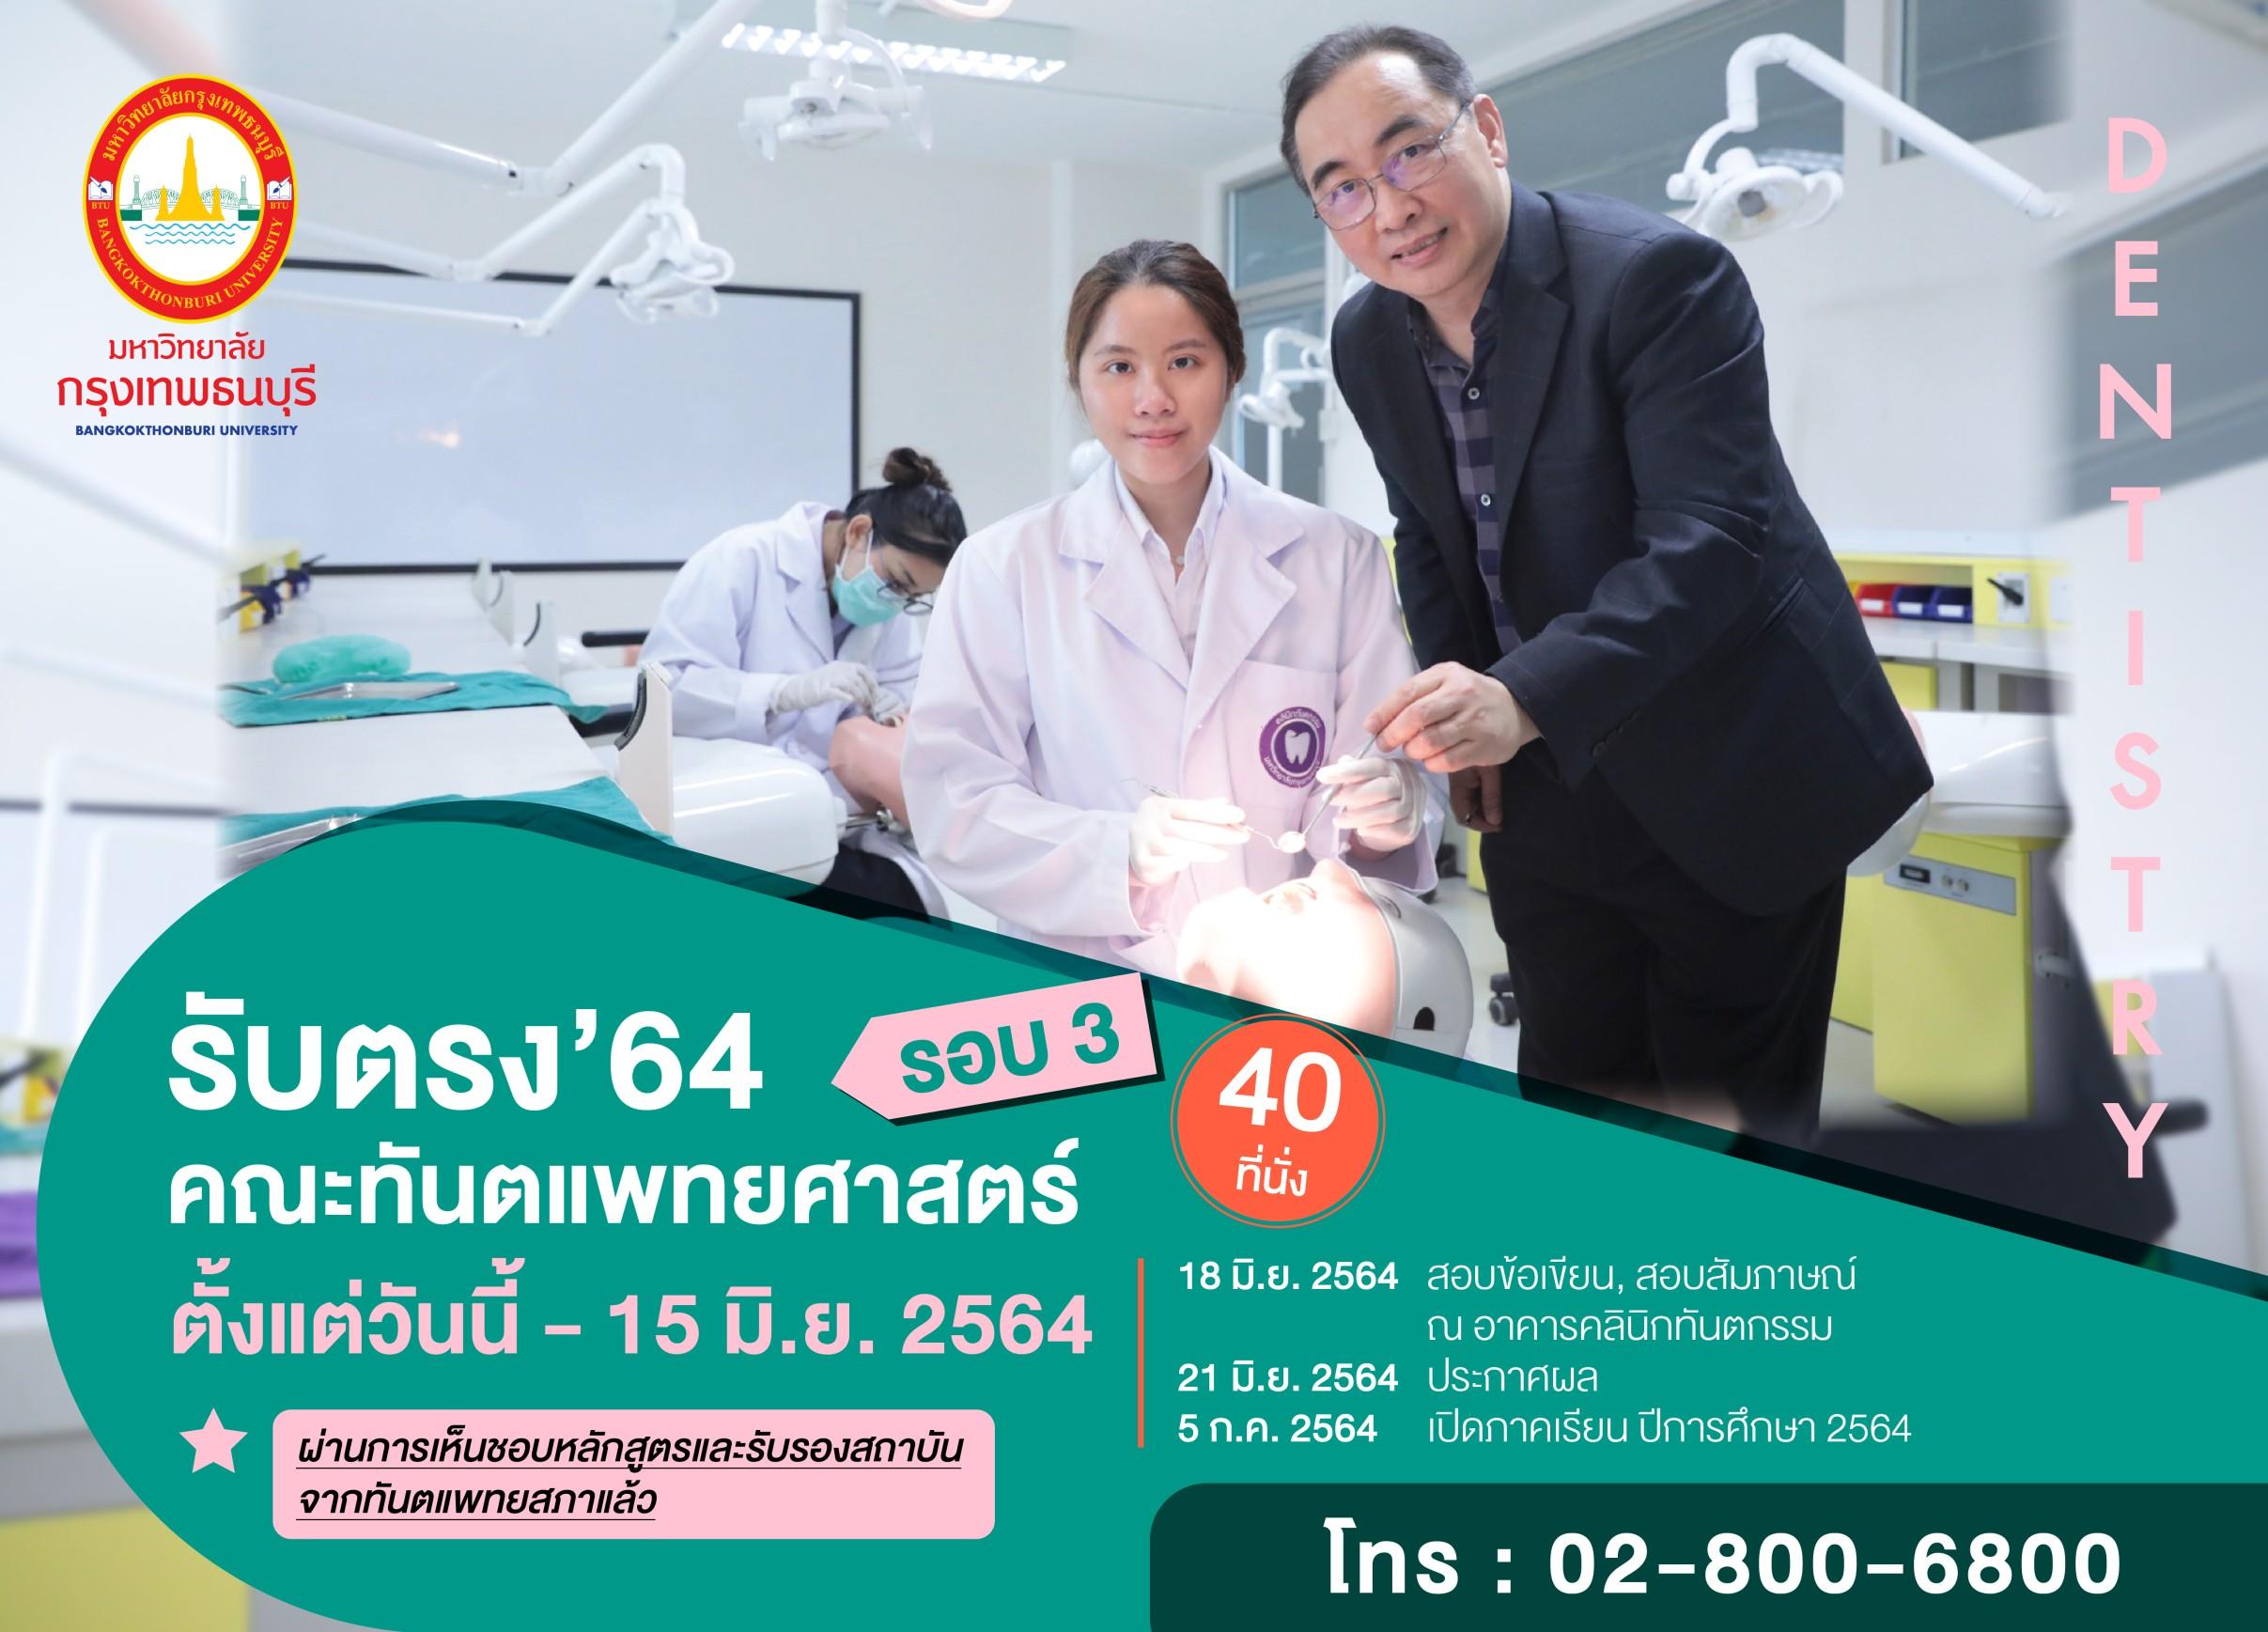 ม.กรุงเทพธนบุรี รับตรง หมอฟัน 40 ที่นั่ง